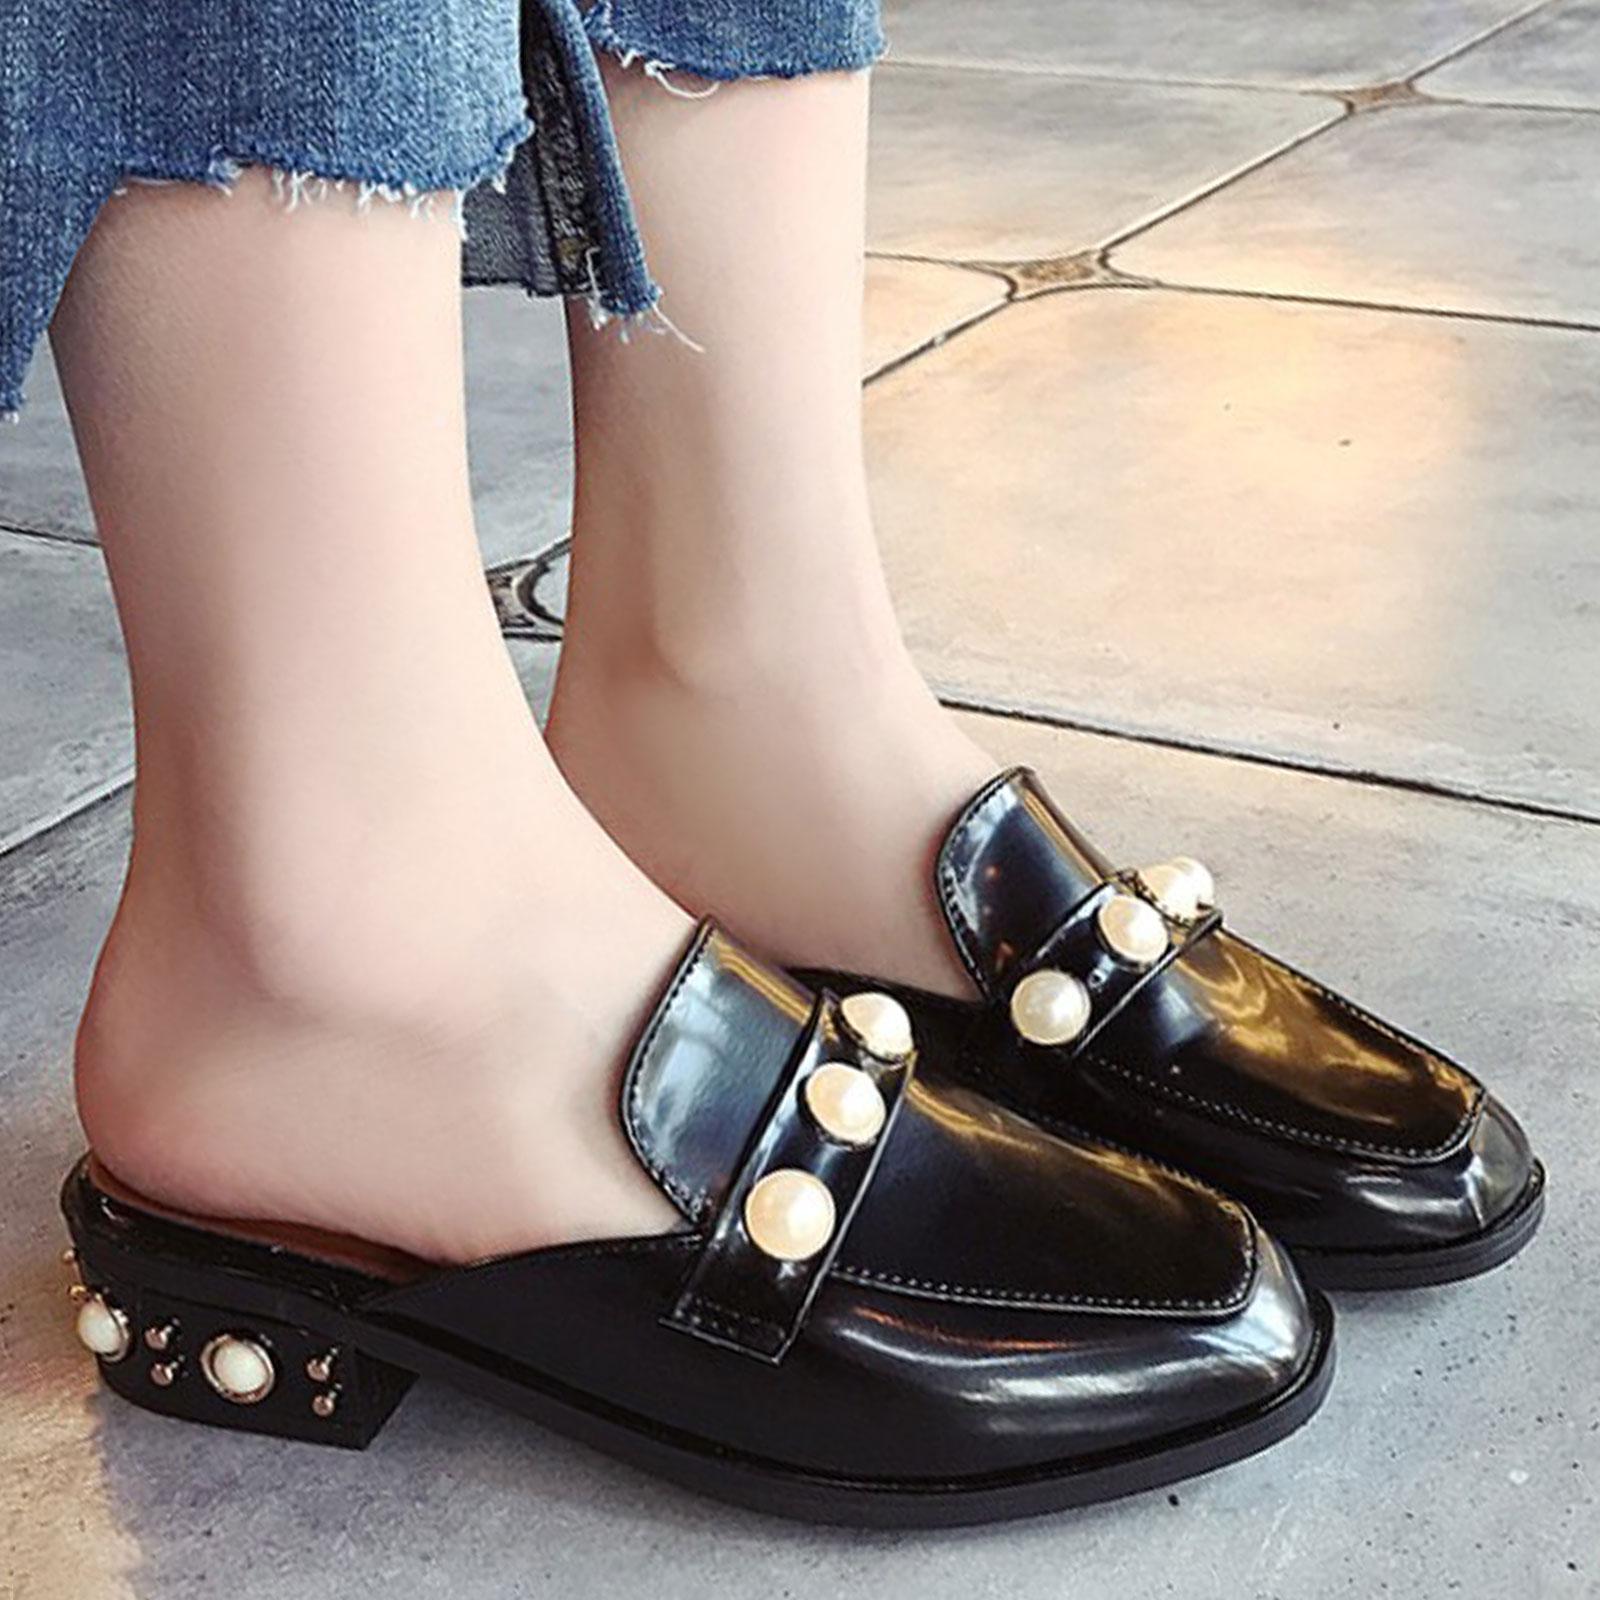 懶人鞋 淺口珍珠裝飾方頭粗跟半拖鞋【S1693】☆雙兒網☆ 1